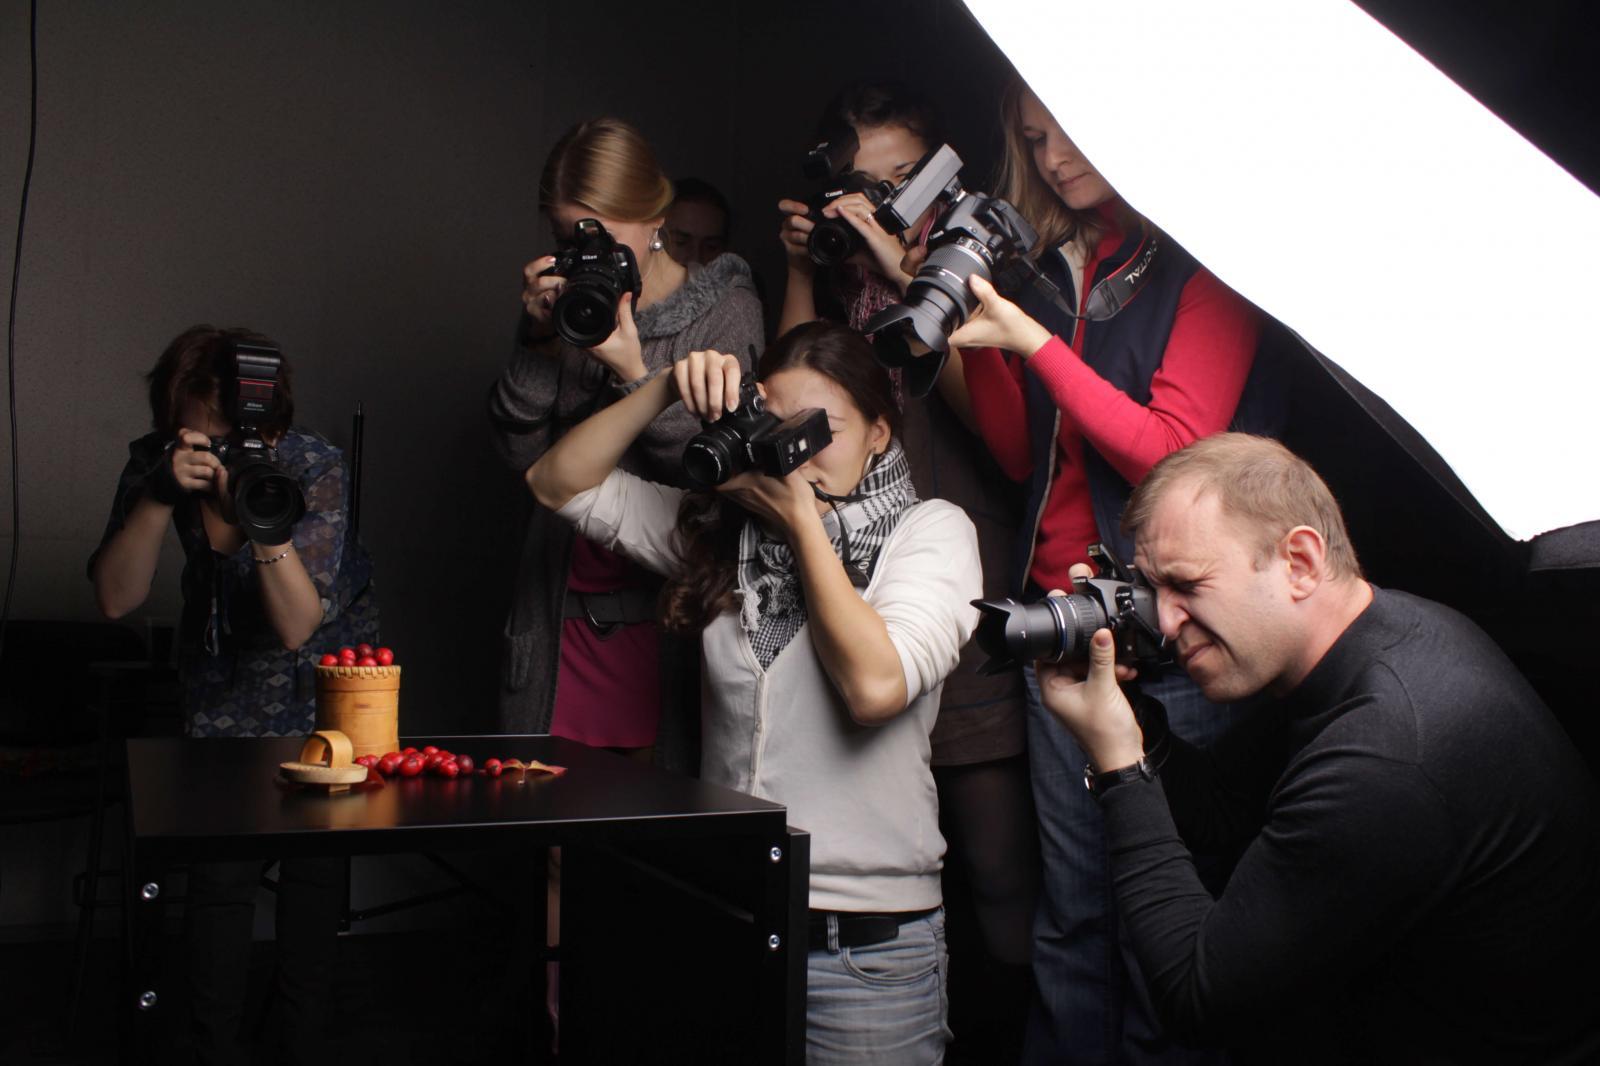 первом курсы фотографии в москве сколько стоят время